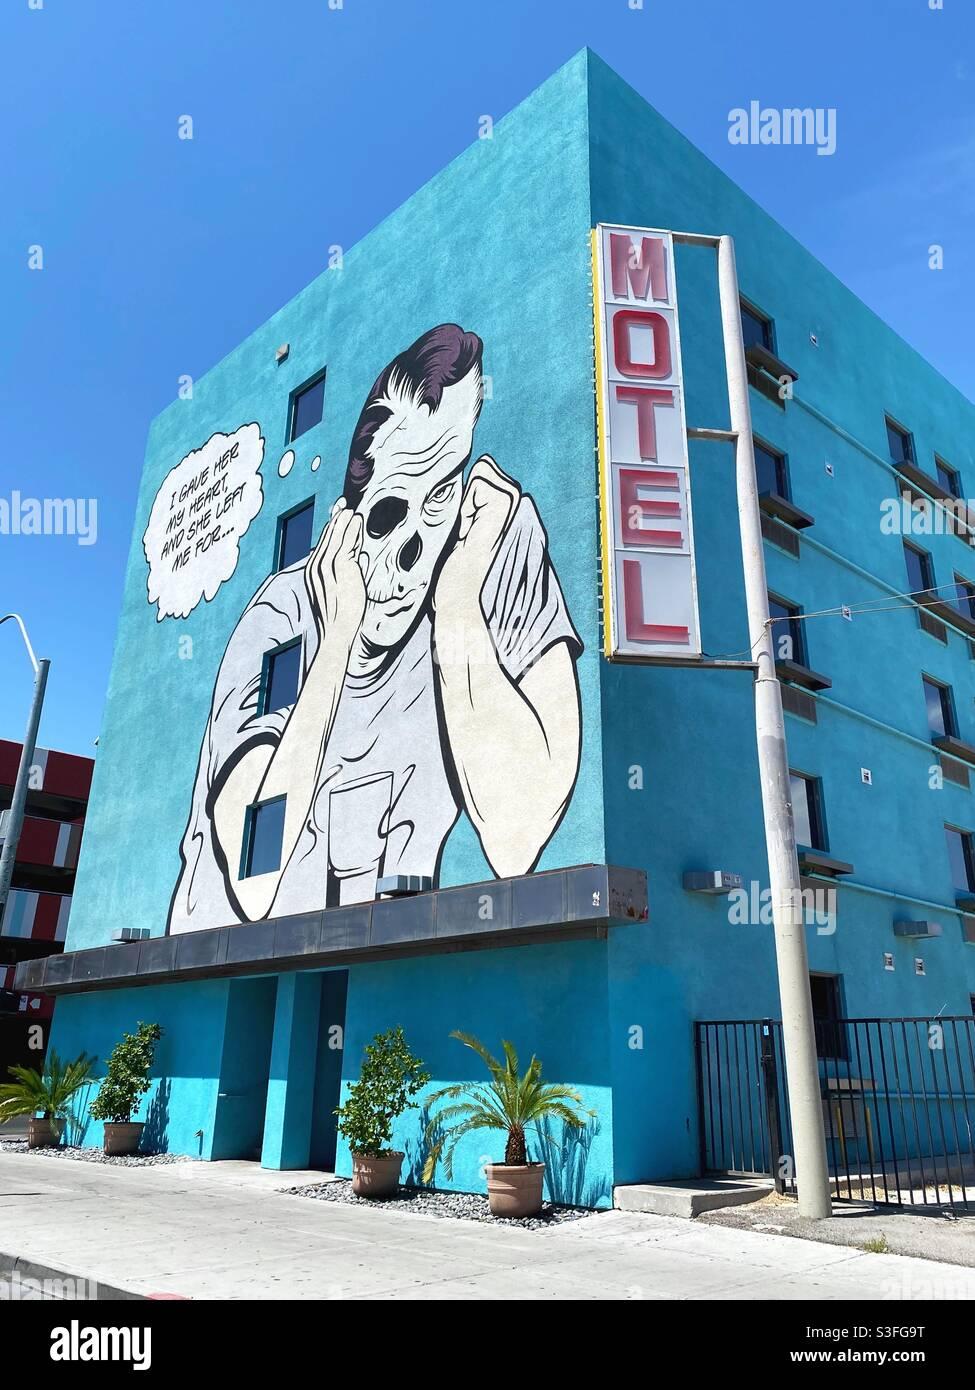 Un murale da D*face, nel centro cittadino di Las Vegas. Foto Stock